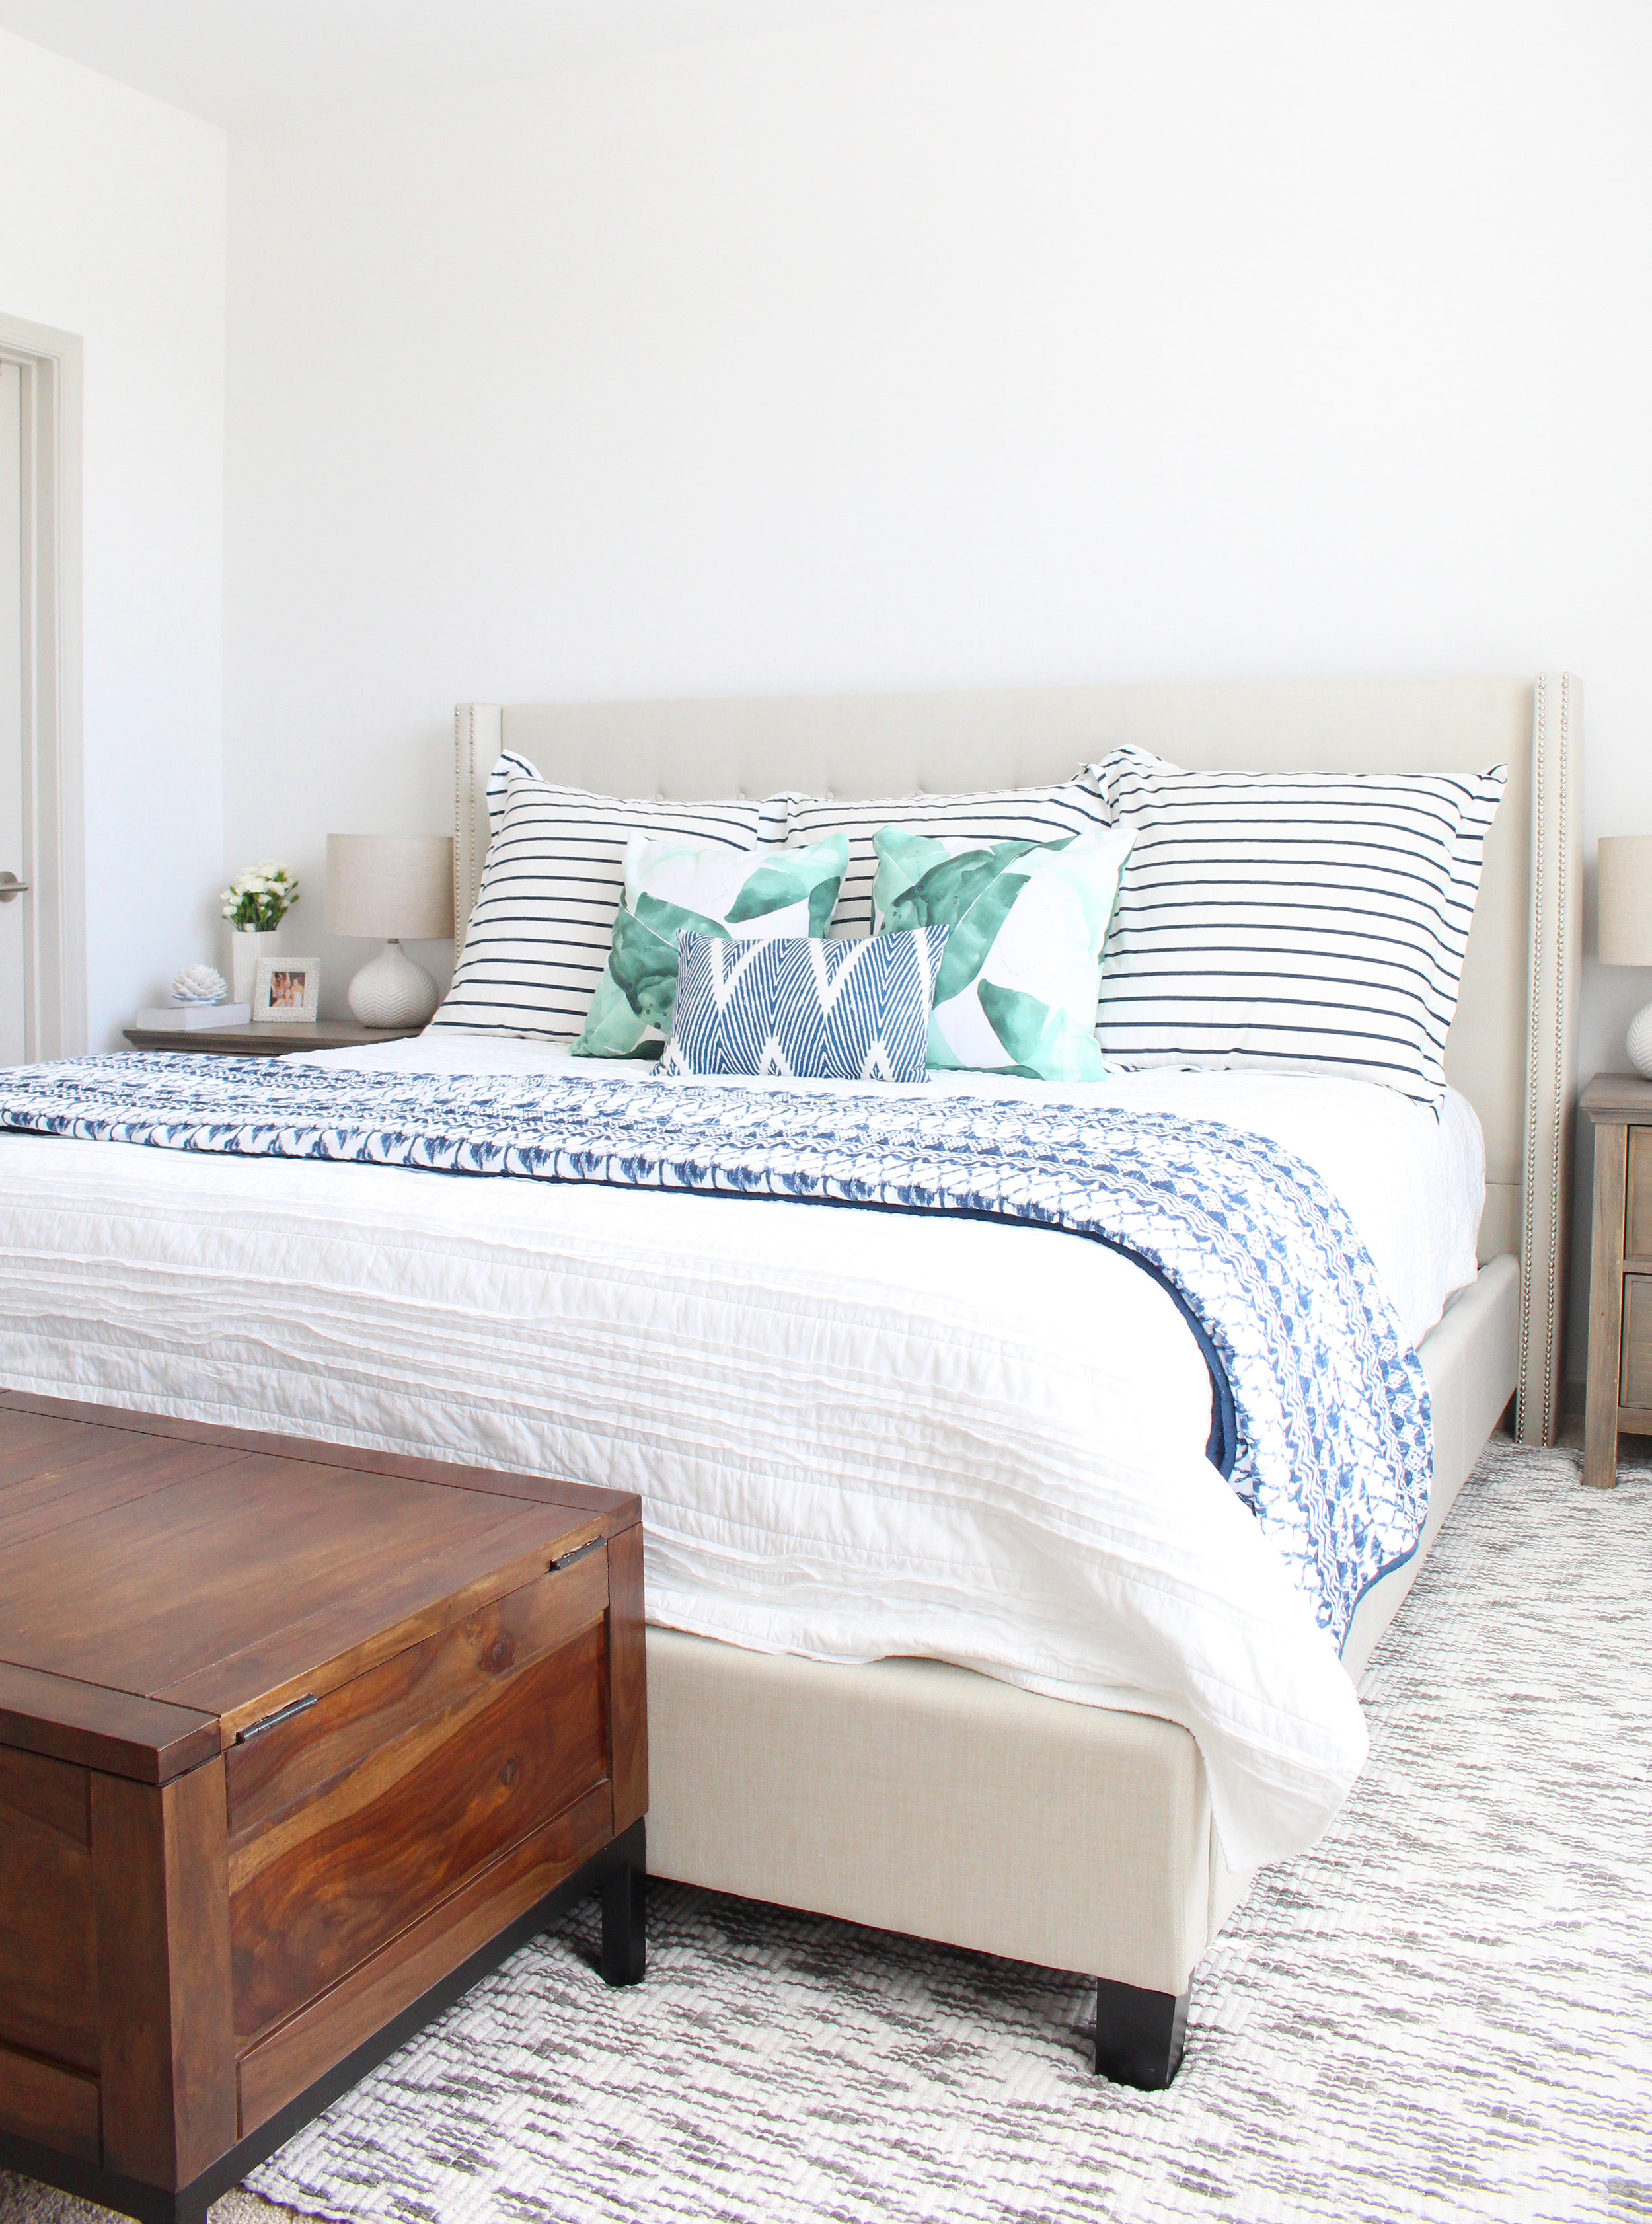 Modern-Farmhouse-Bedroom-Blue-Green-White-1.jpg